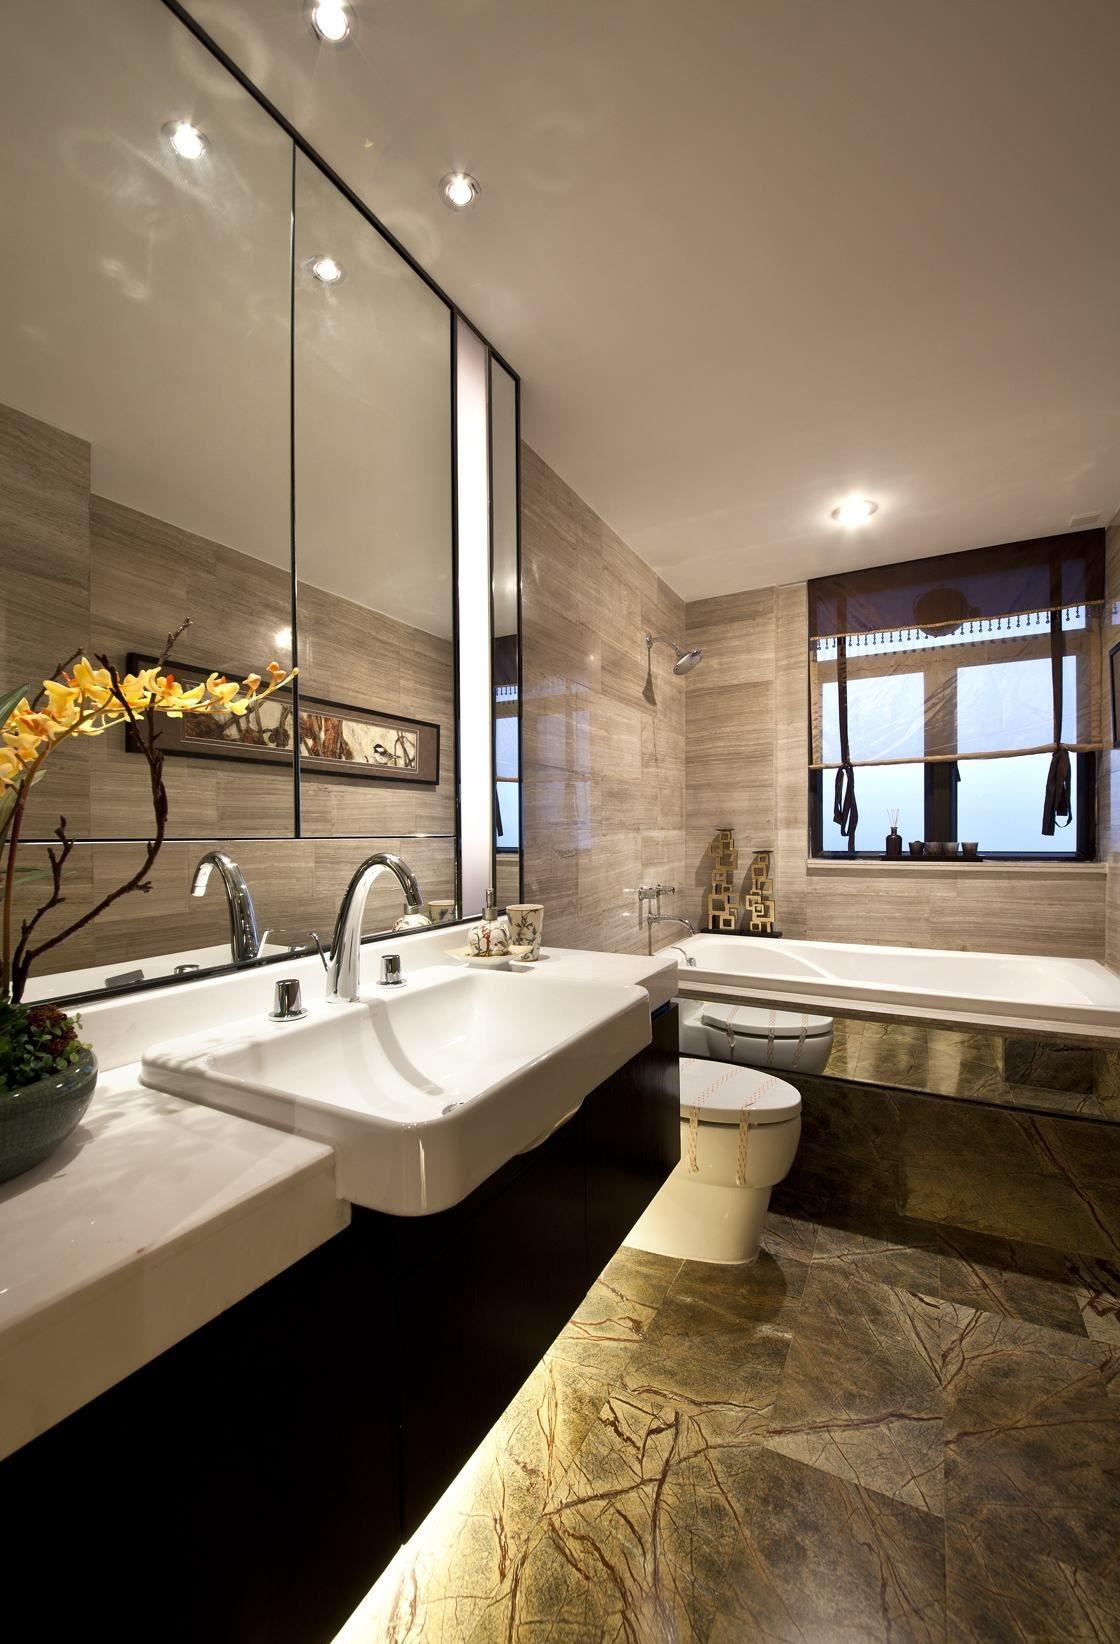 一个好看的洗手台设计可以让整个空间气质不一样,大玻璃镜极大的延伸了视觉效果,大气又不失高雅情调。